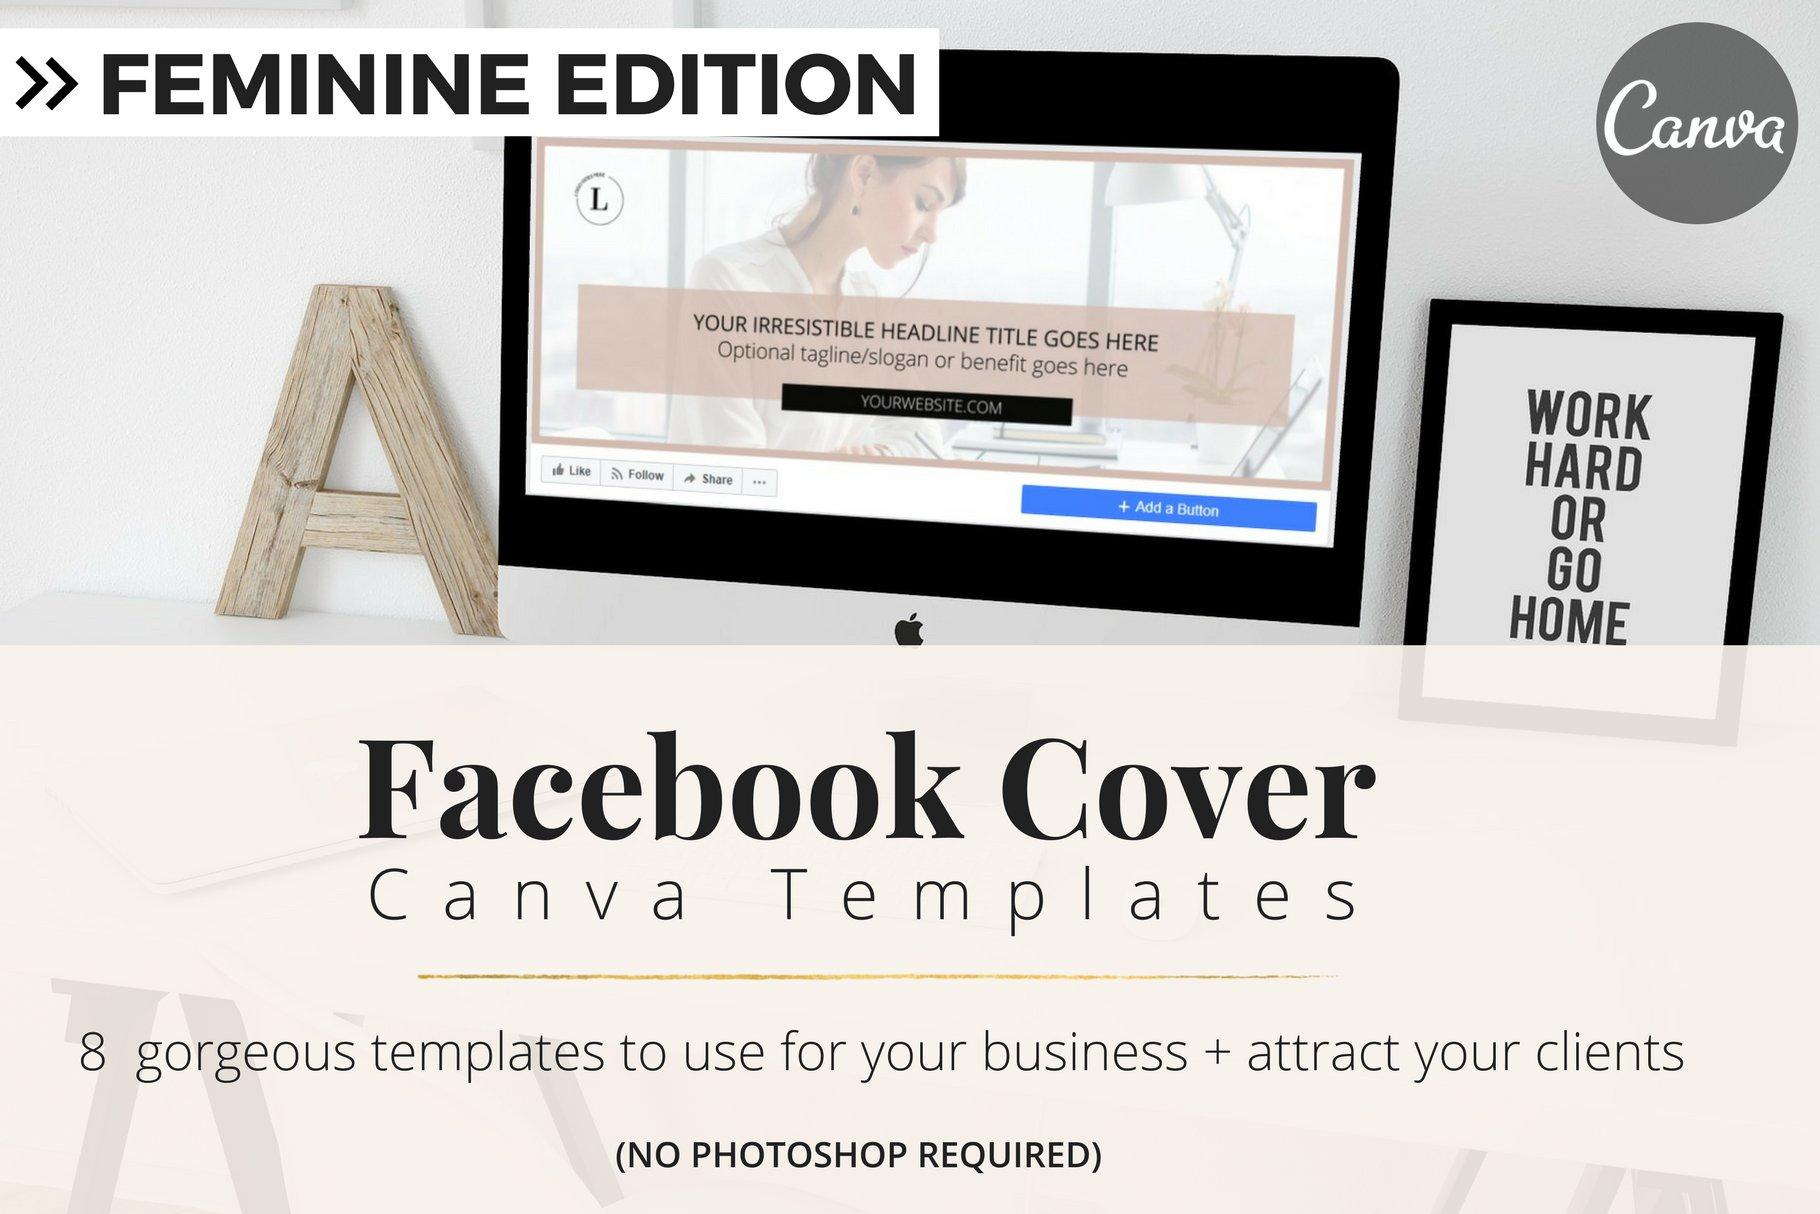 Facebook Cover Templates Facebook Templates Creative Market